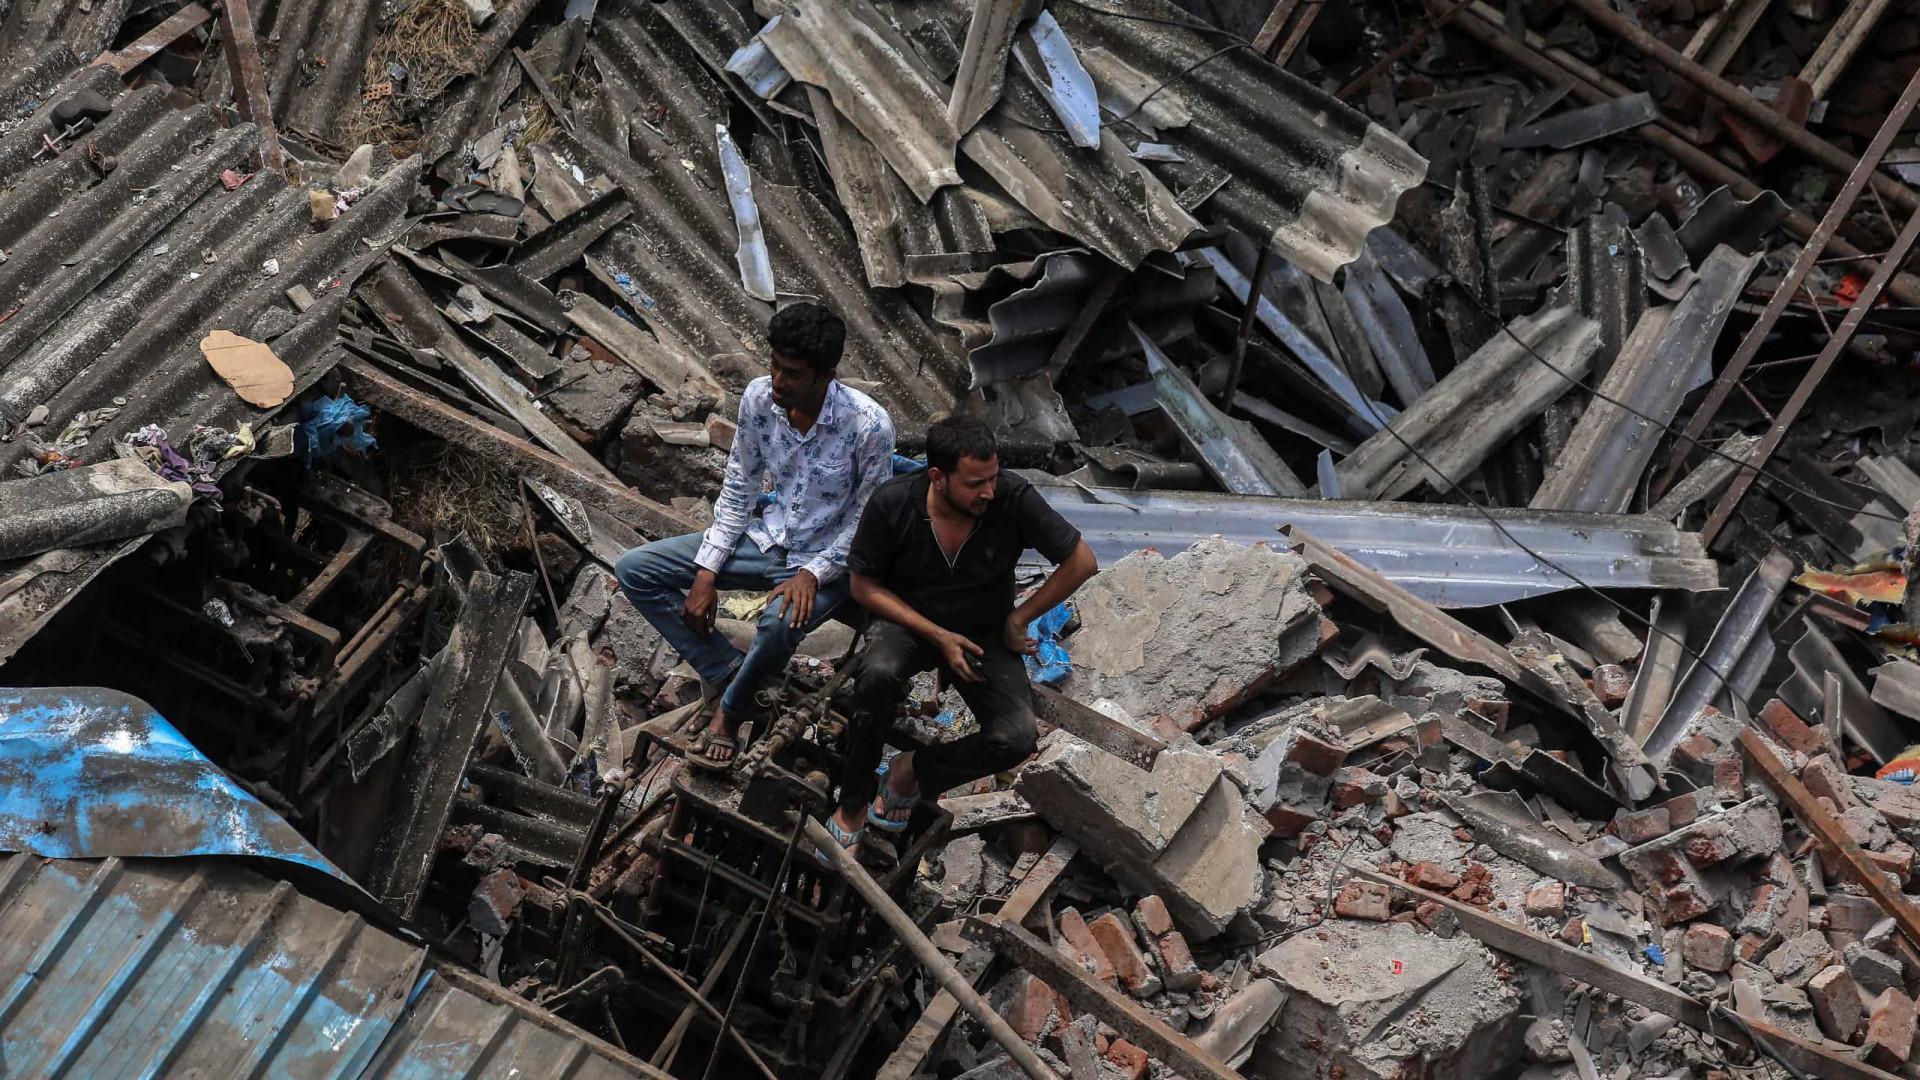 Desabamento de prédio na Índia deixa 41 mortos